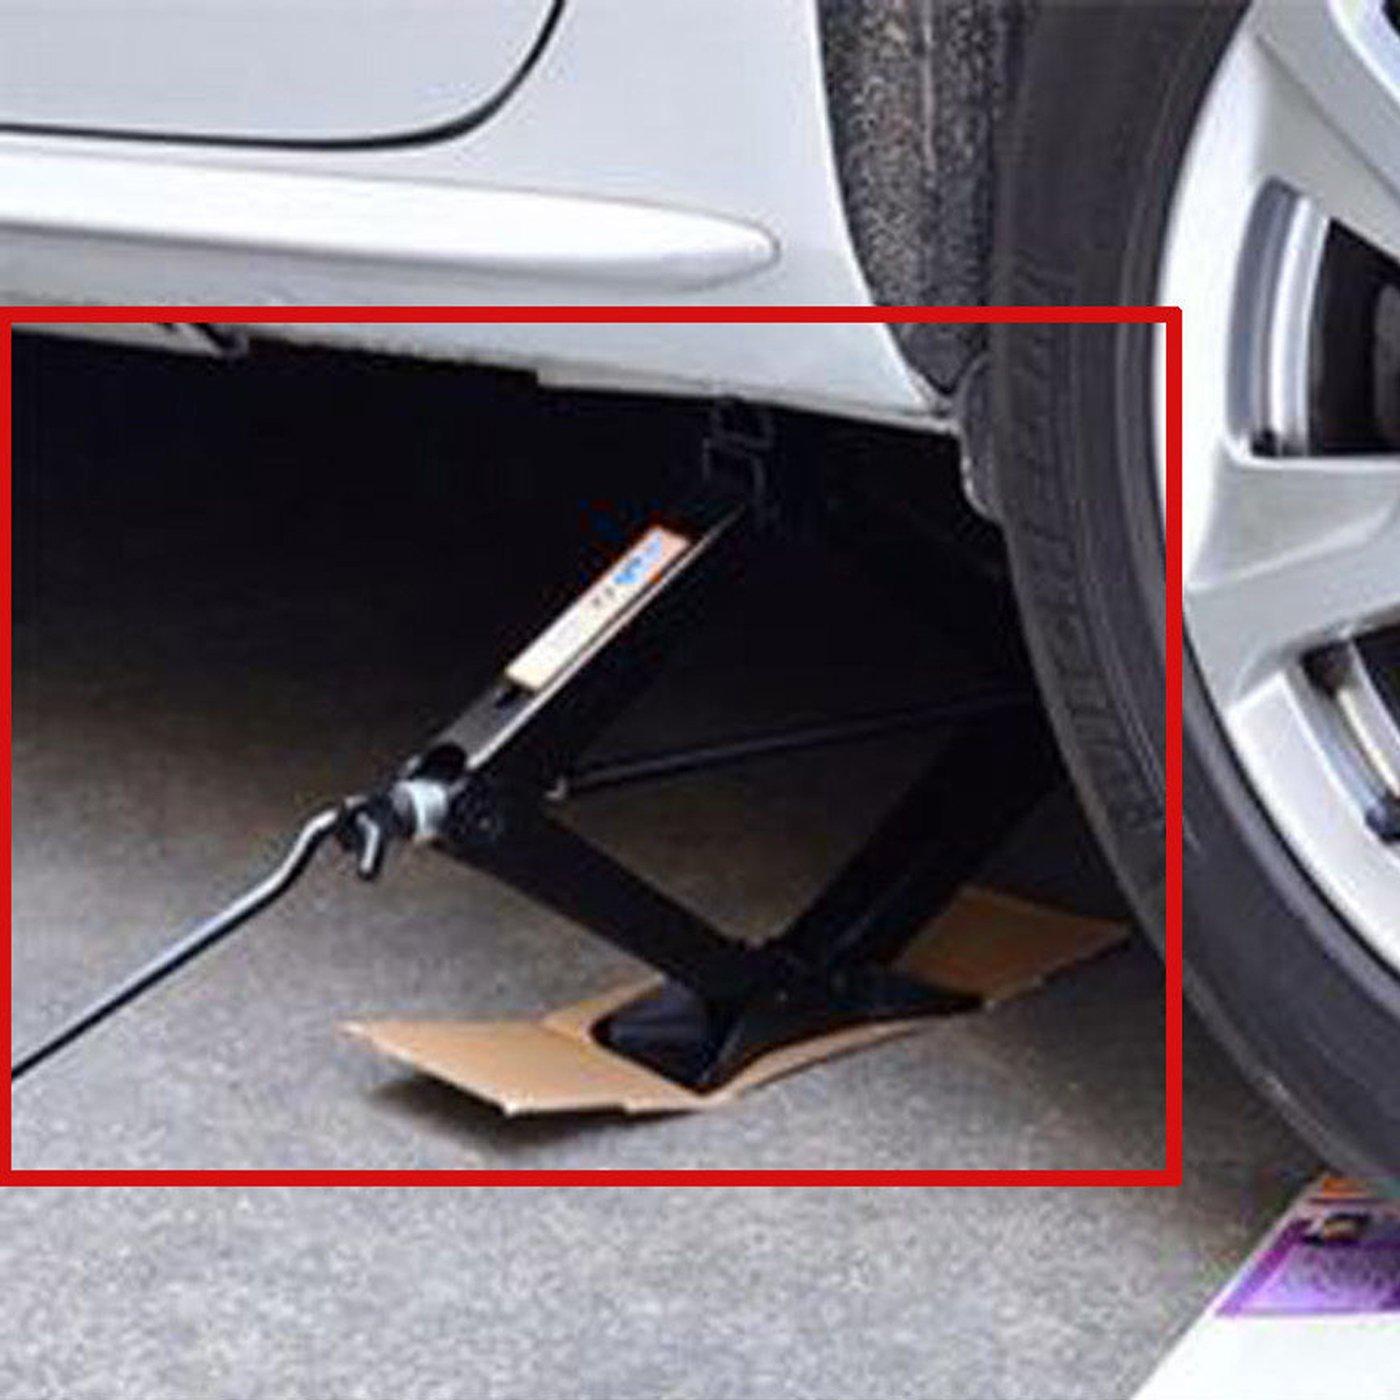 dicn Rustproof 2 Ton Scissor Jack with Crank Handle for Ford Mondeo//Fiesta//Focus